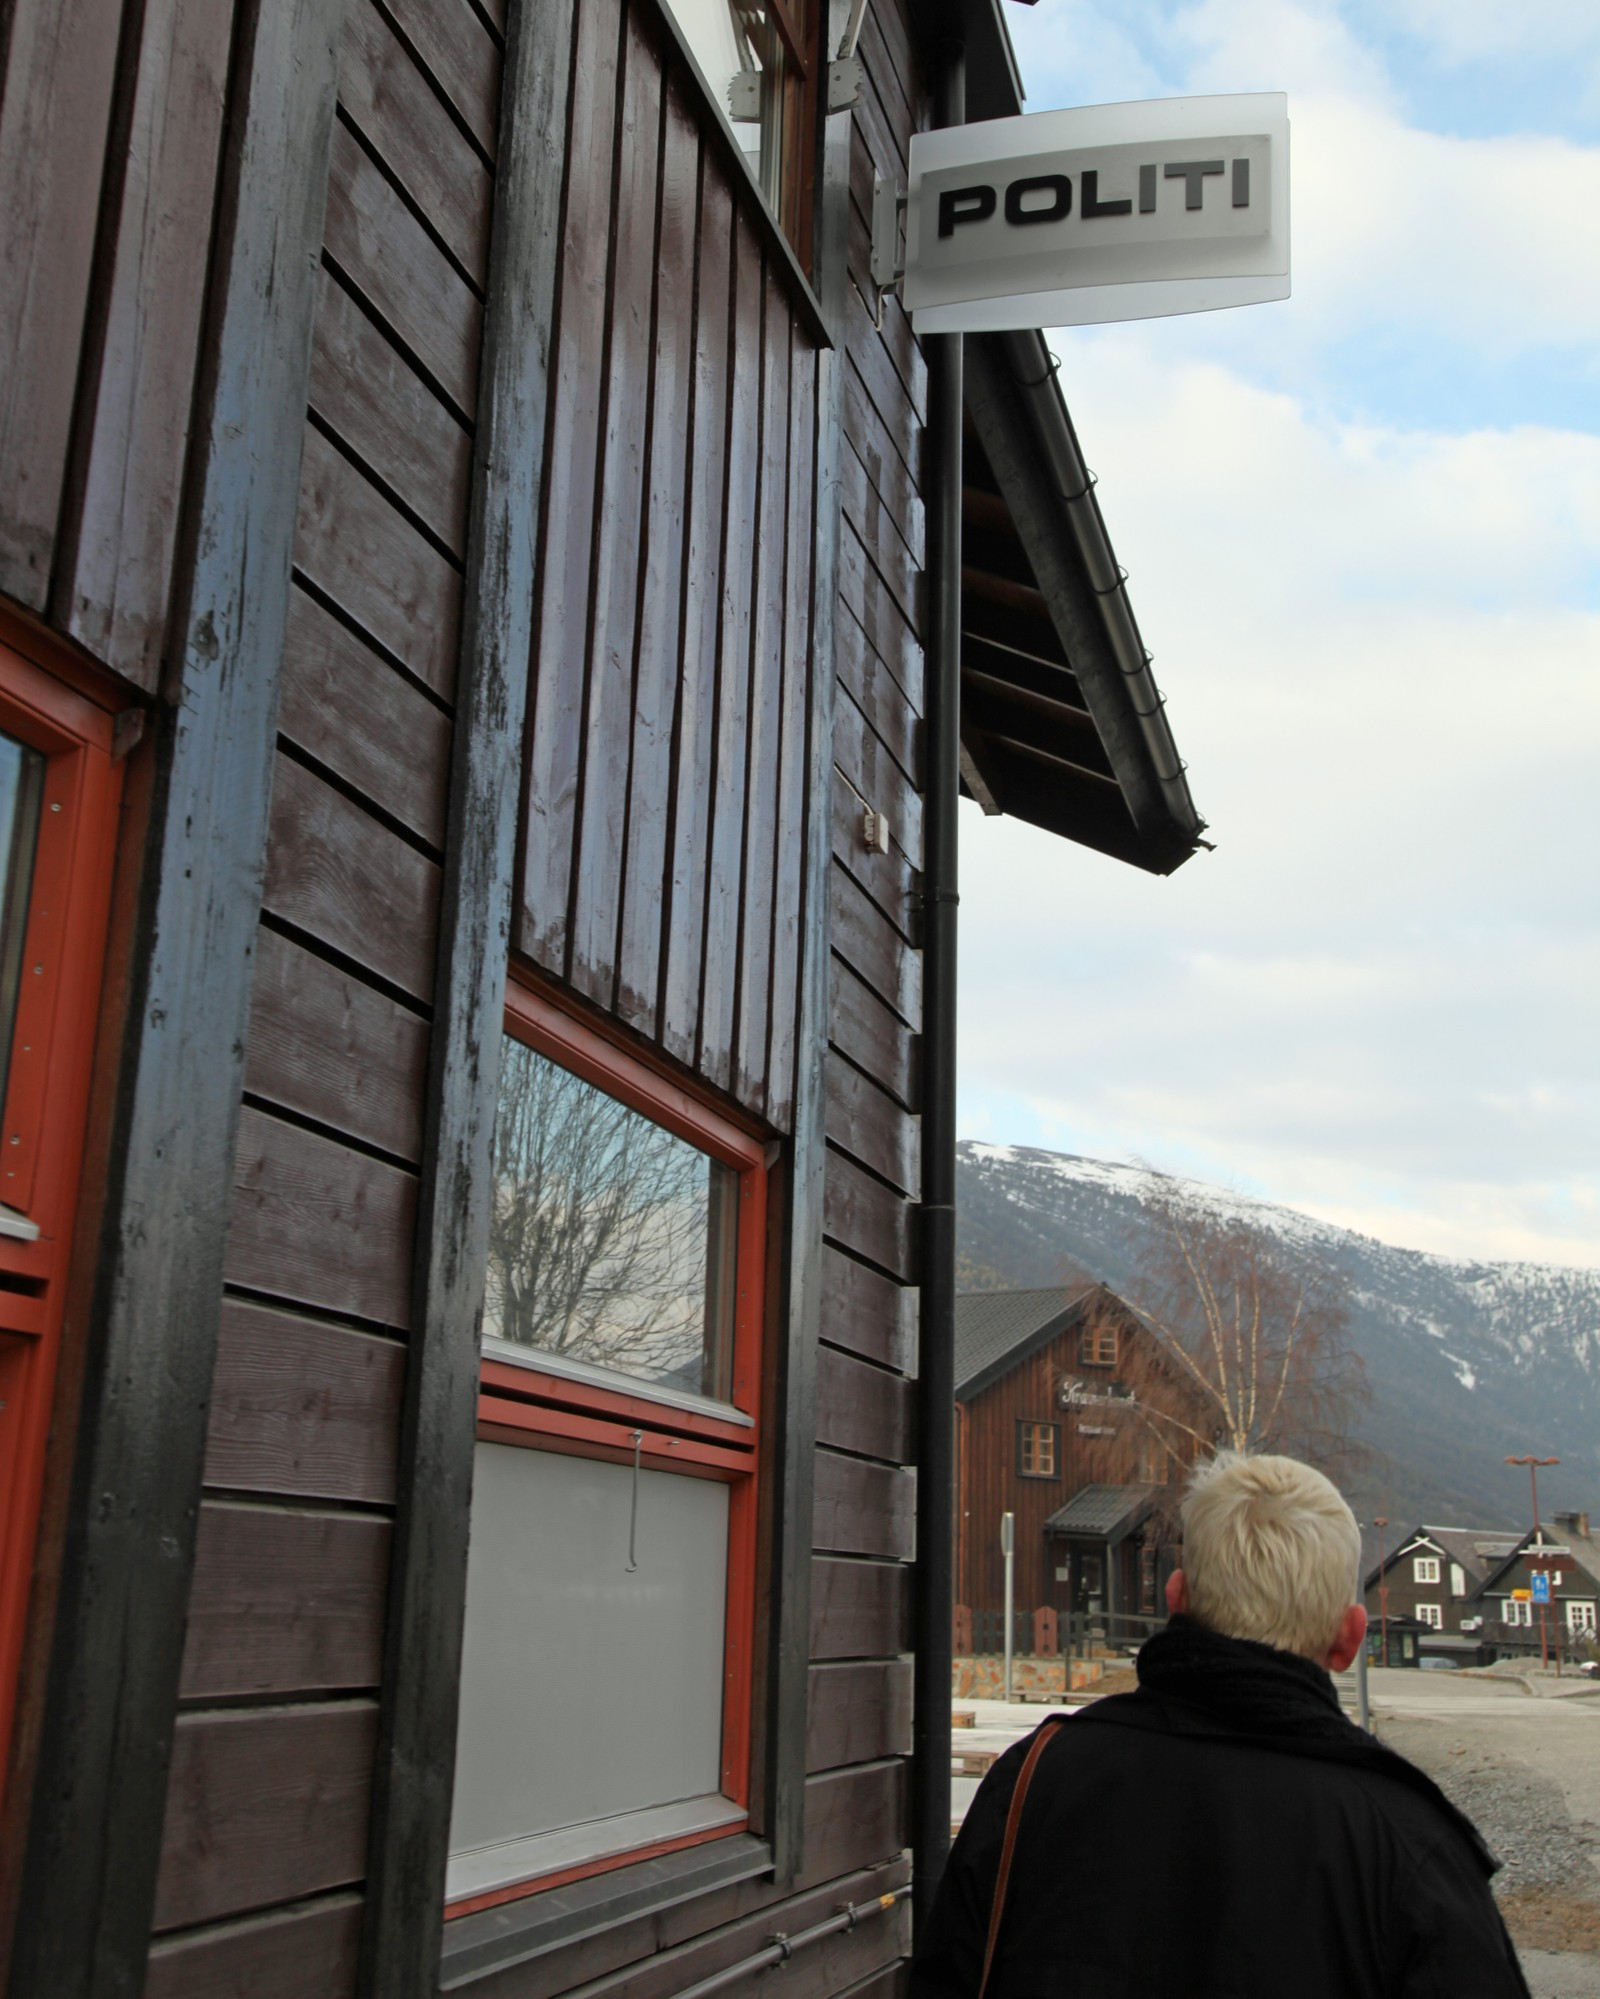 Lensmannstasjonen i Kroken og Koldens krimbøker, holder til her. Alle politifolkene er oppdiktet, men etterforsker Jørgen Vold har en modell i virkeligheten, utseendemessig.